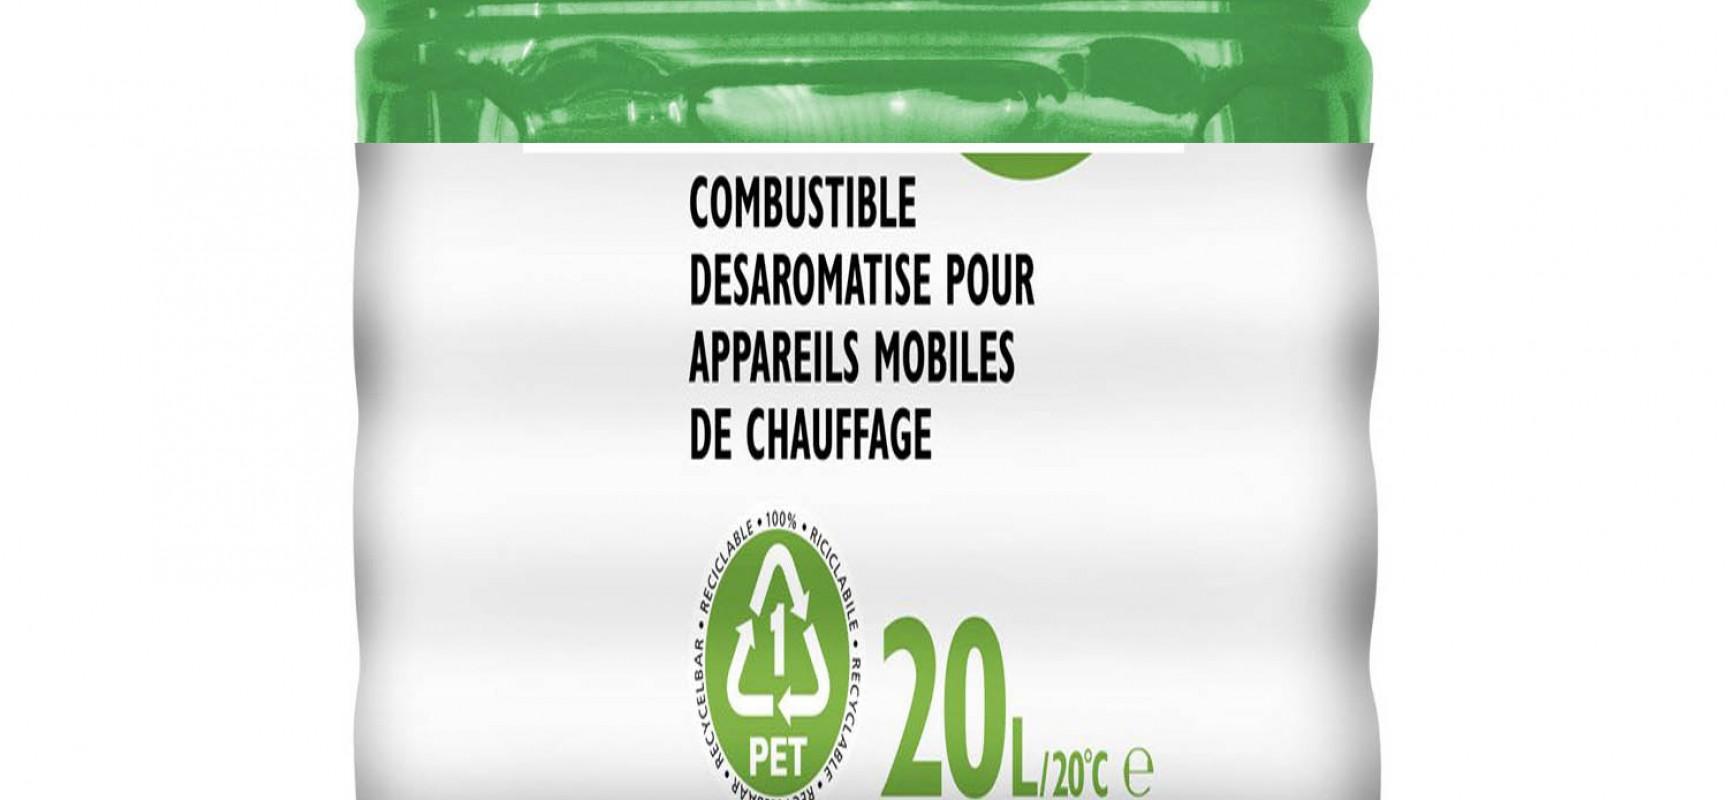 Recyclage des bidons de combustibles pour les appareils de chauffage d'appoint